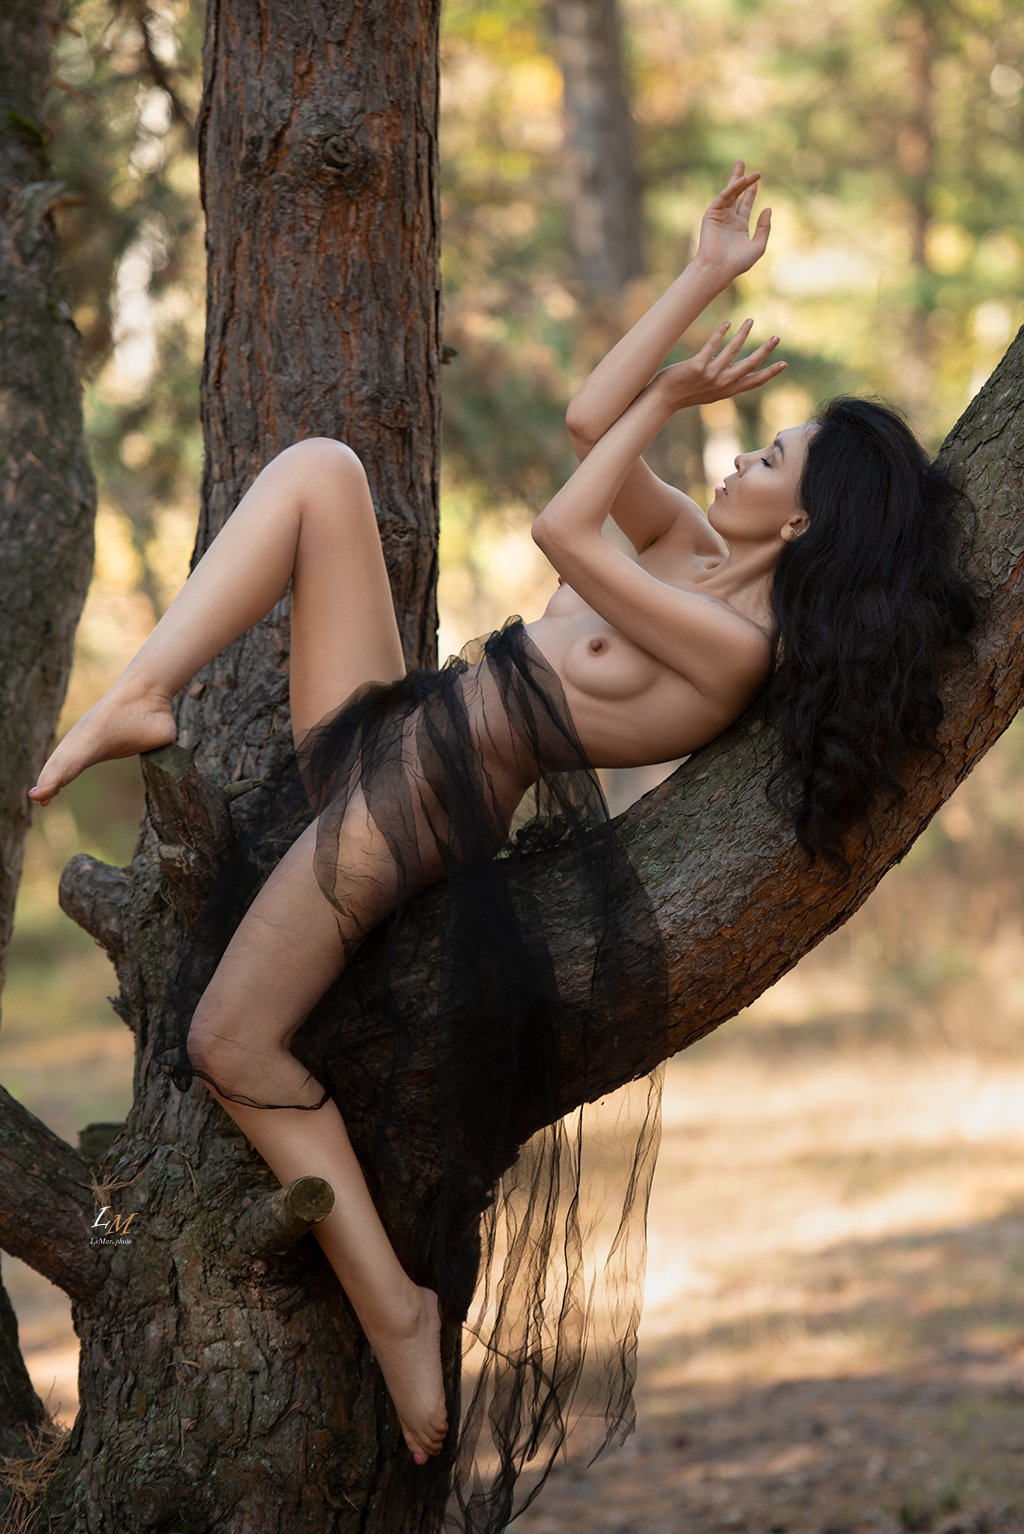 ню, осень, парк, девушка, природа, москва, фотограф, ню фотограф, ню фотосессия, Маркачев Леонид